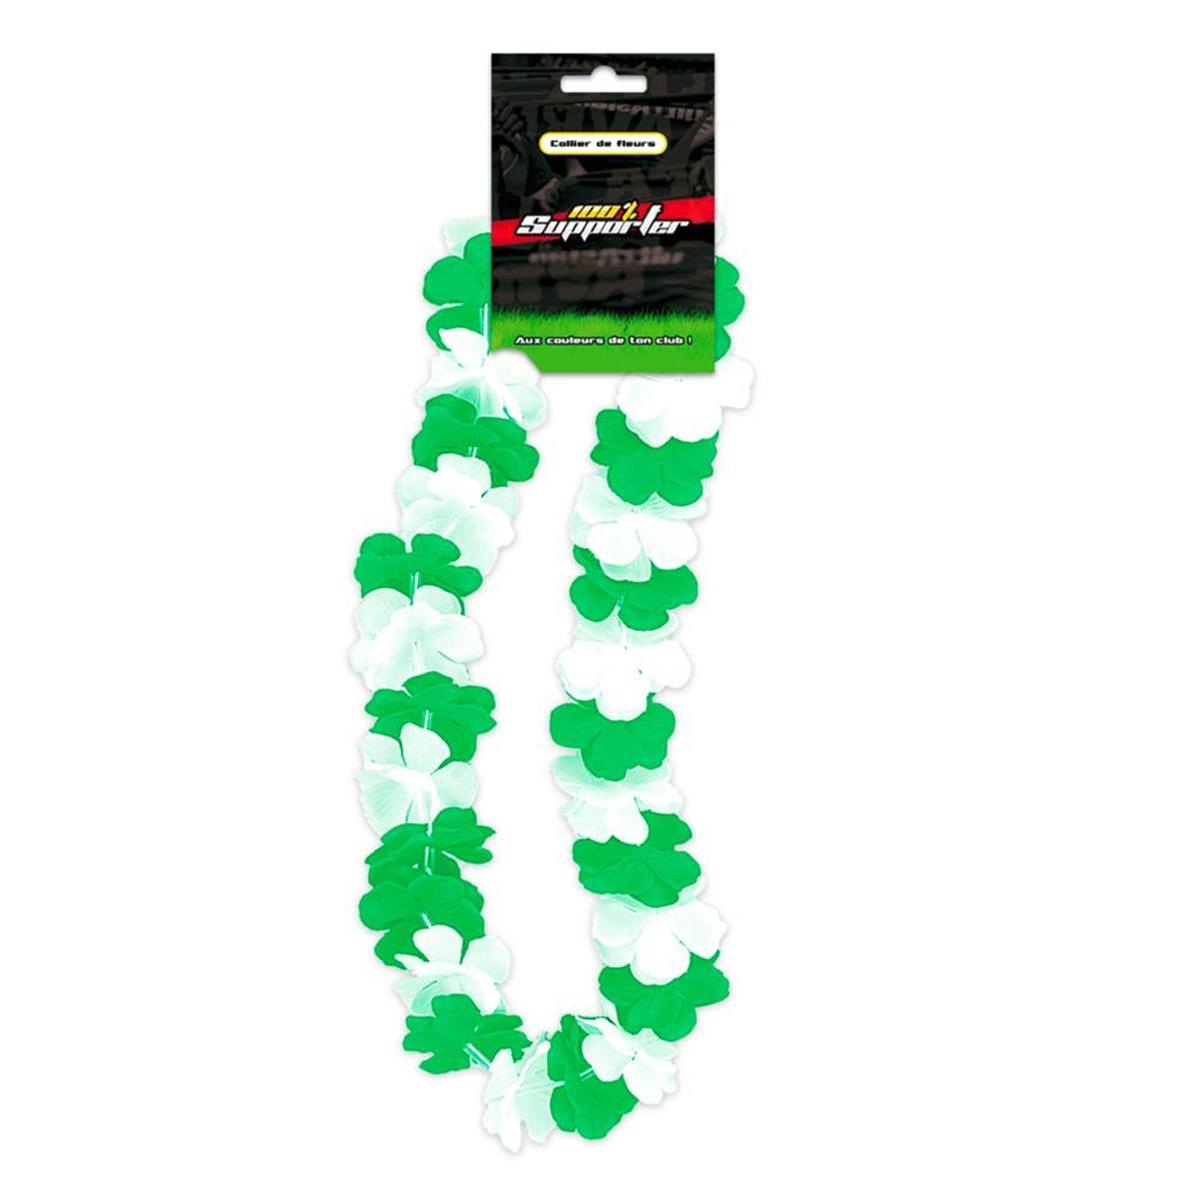 Collier de fleurs \'Coloriage\' vert blanc (supporter) - 50 cm - [Q7173]